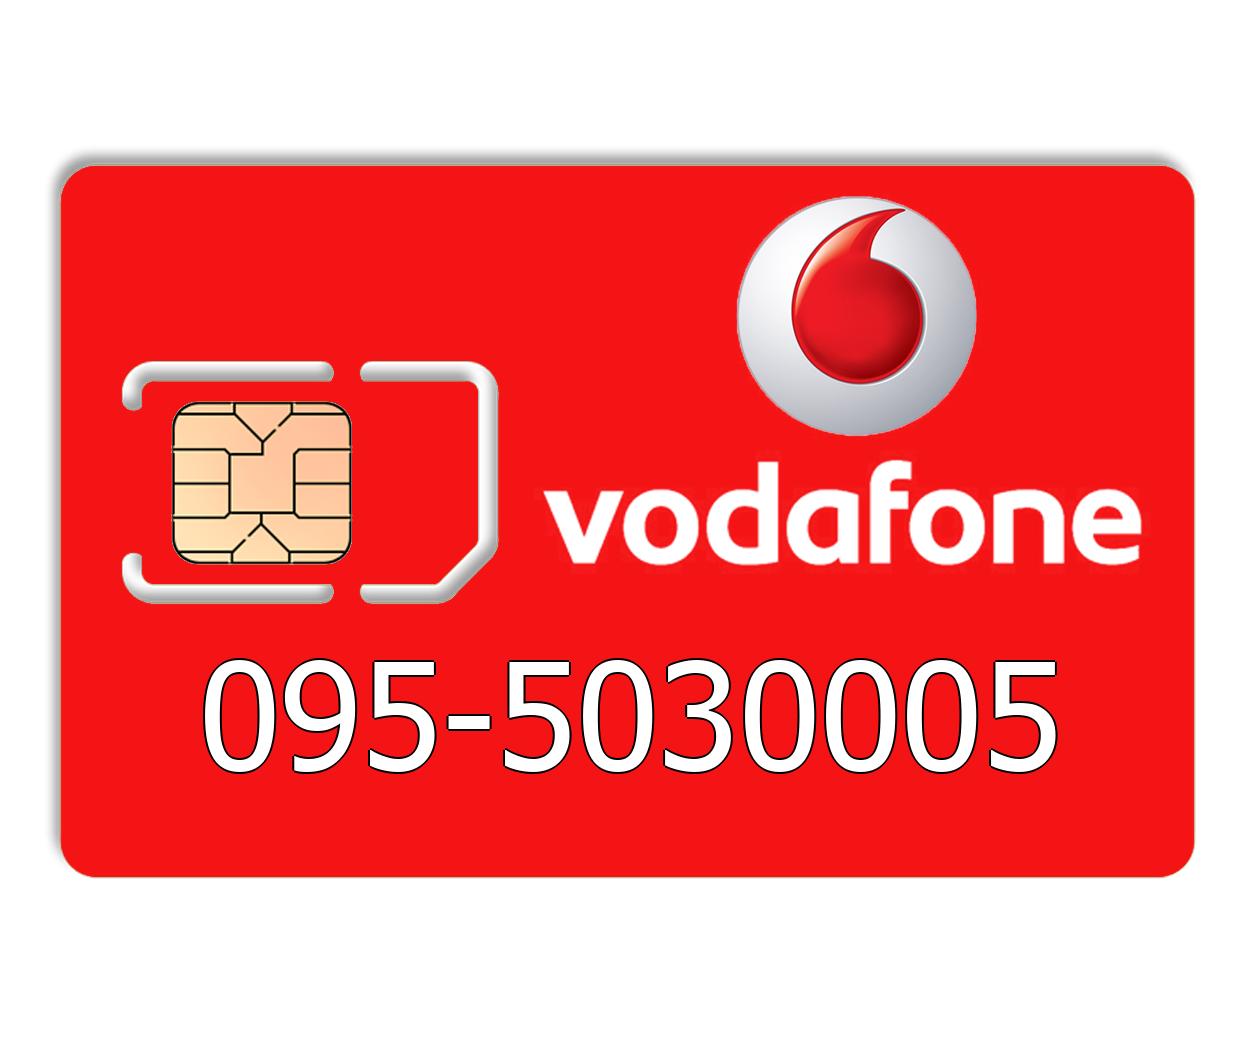 Красивый номер Vodafone 095-5030005